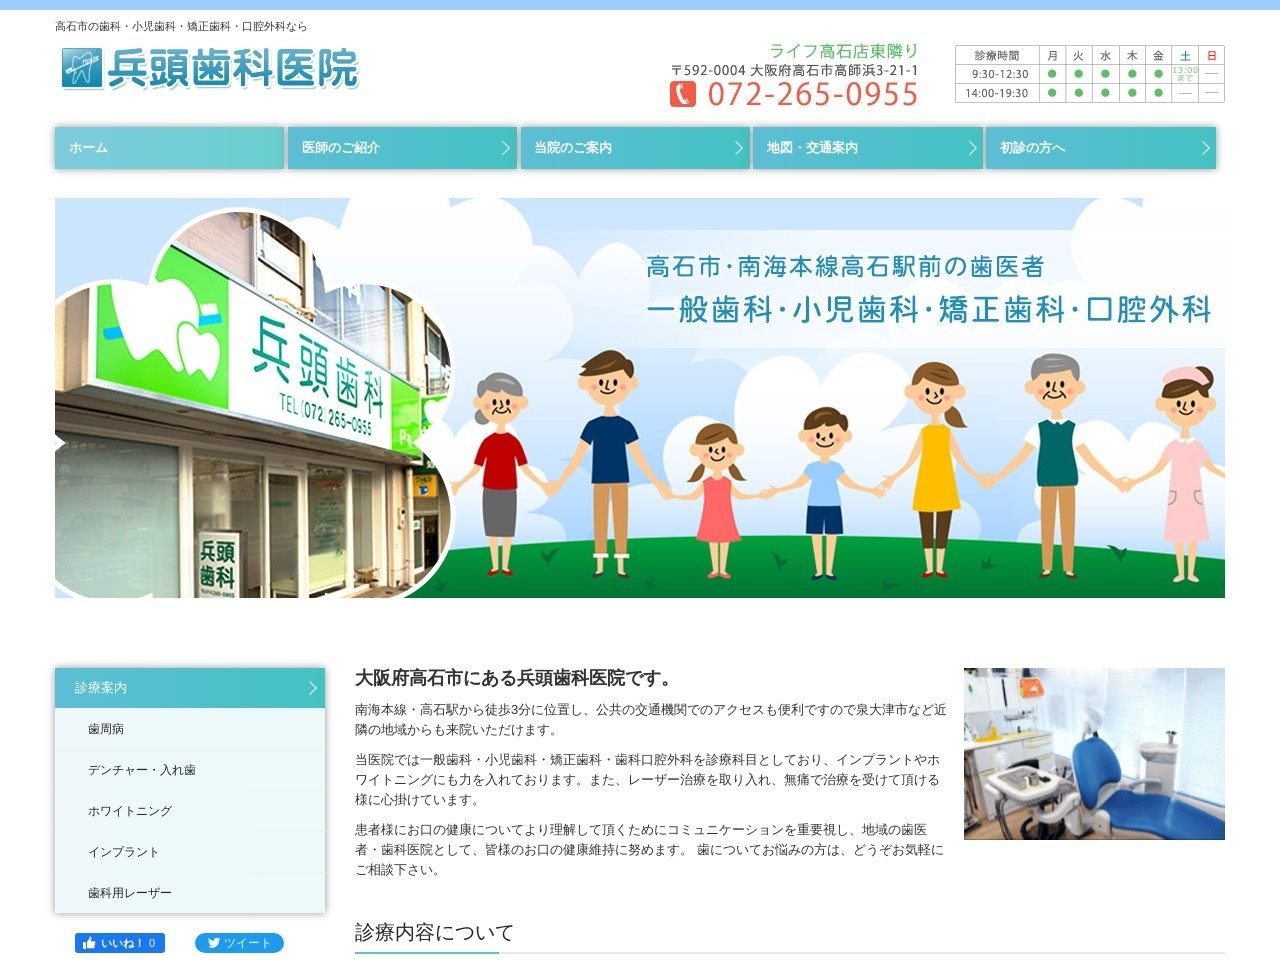 兵頭歯科医院 (大阪府高石市)